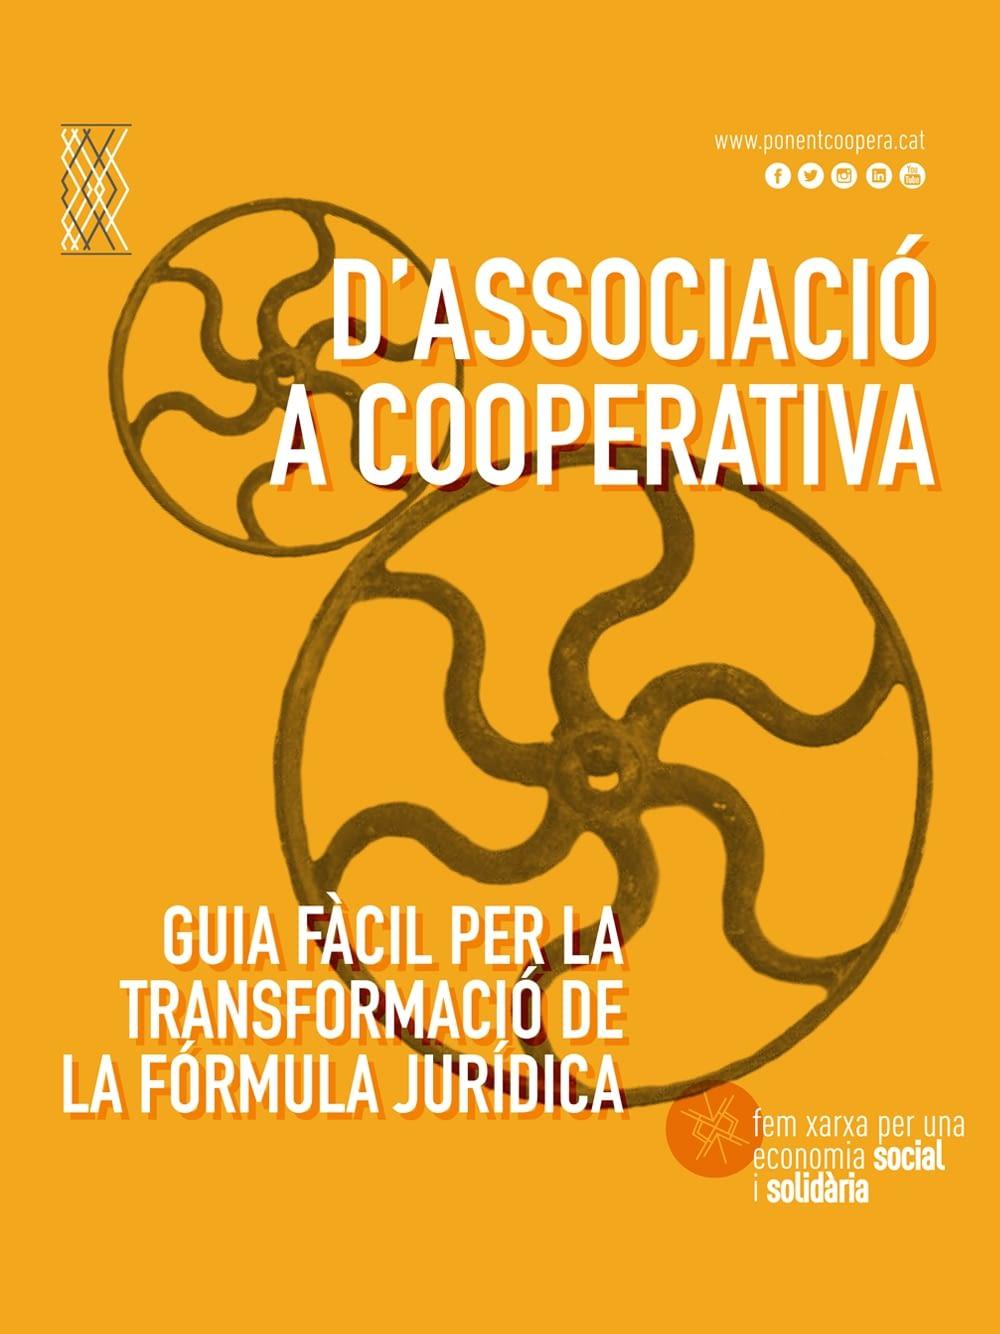 Guia d'Associació a Cooperativa